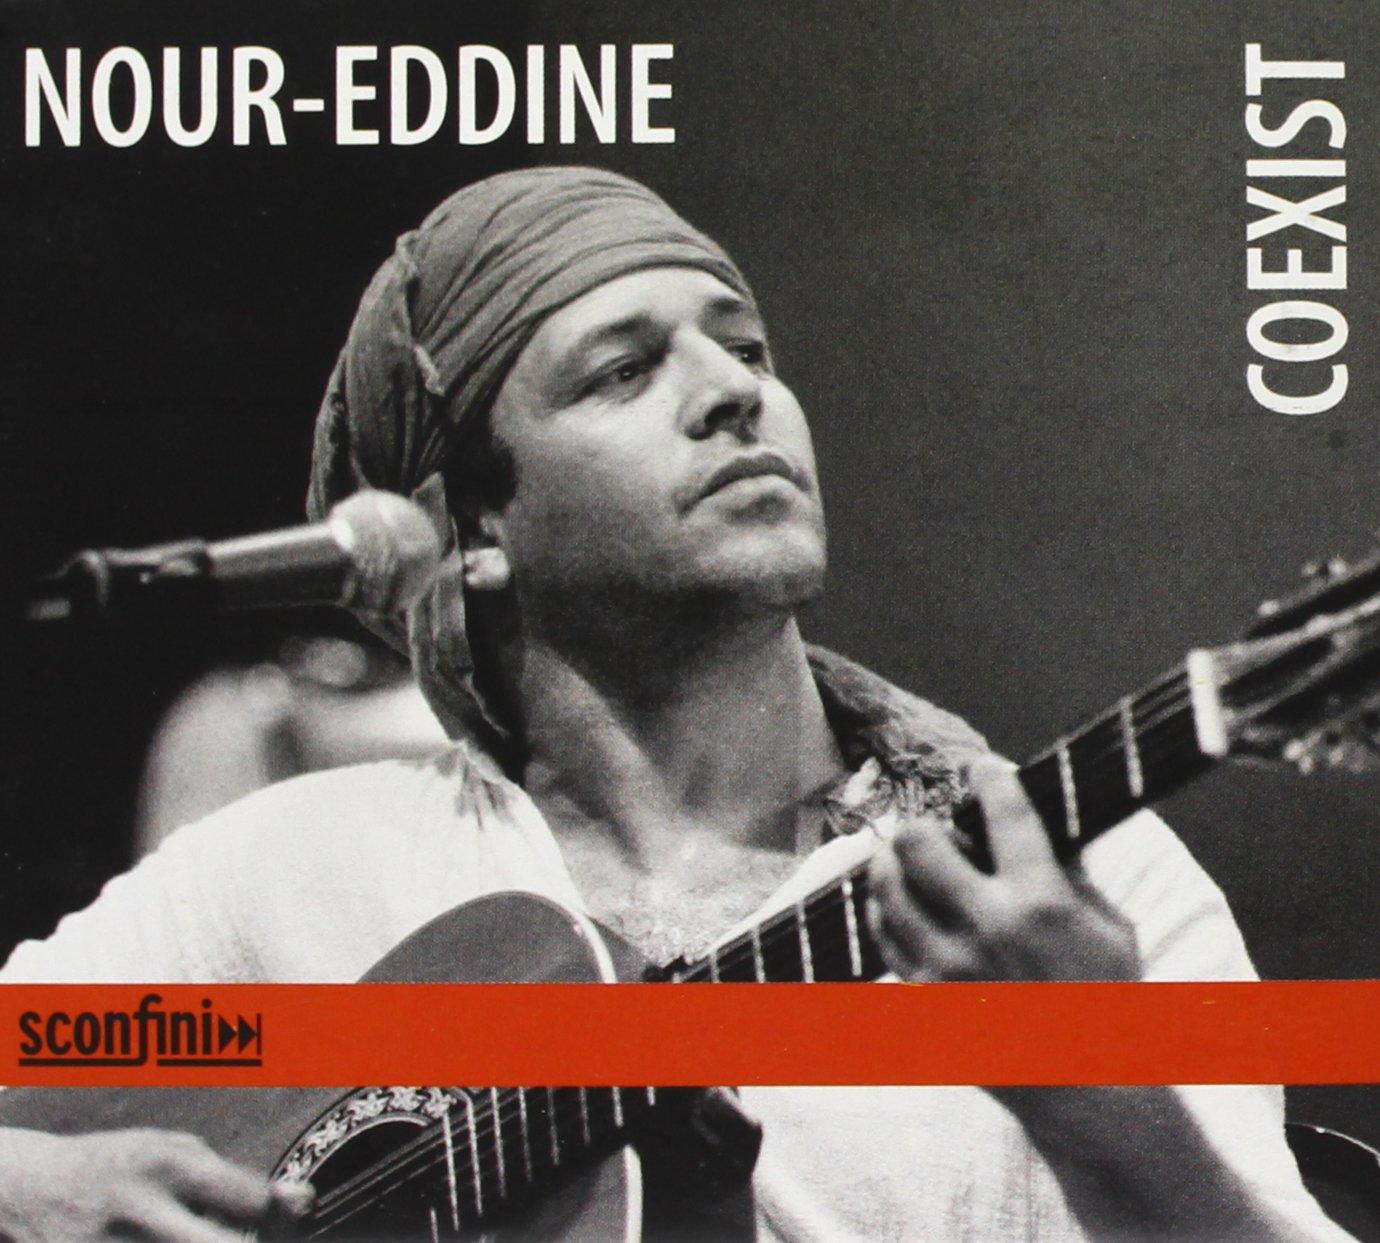 Audio Cd Nour-Eddine - Coexist NUOVO SIGILLATO, EDIZIONE DEL 30/12/2002 SUBITO DISPONIBILE